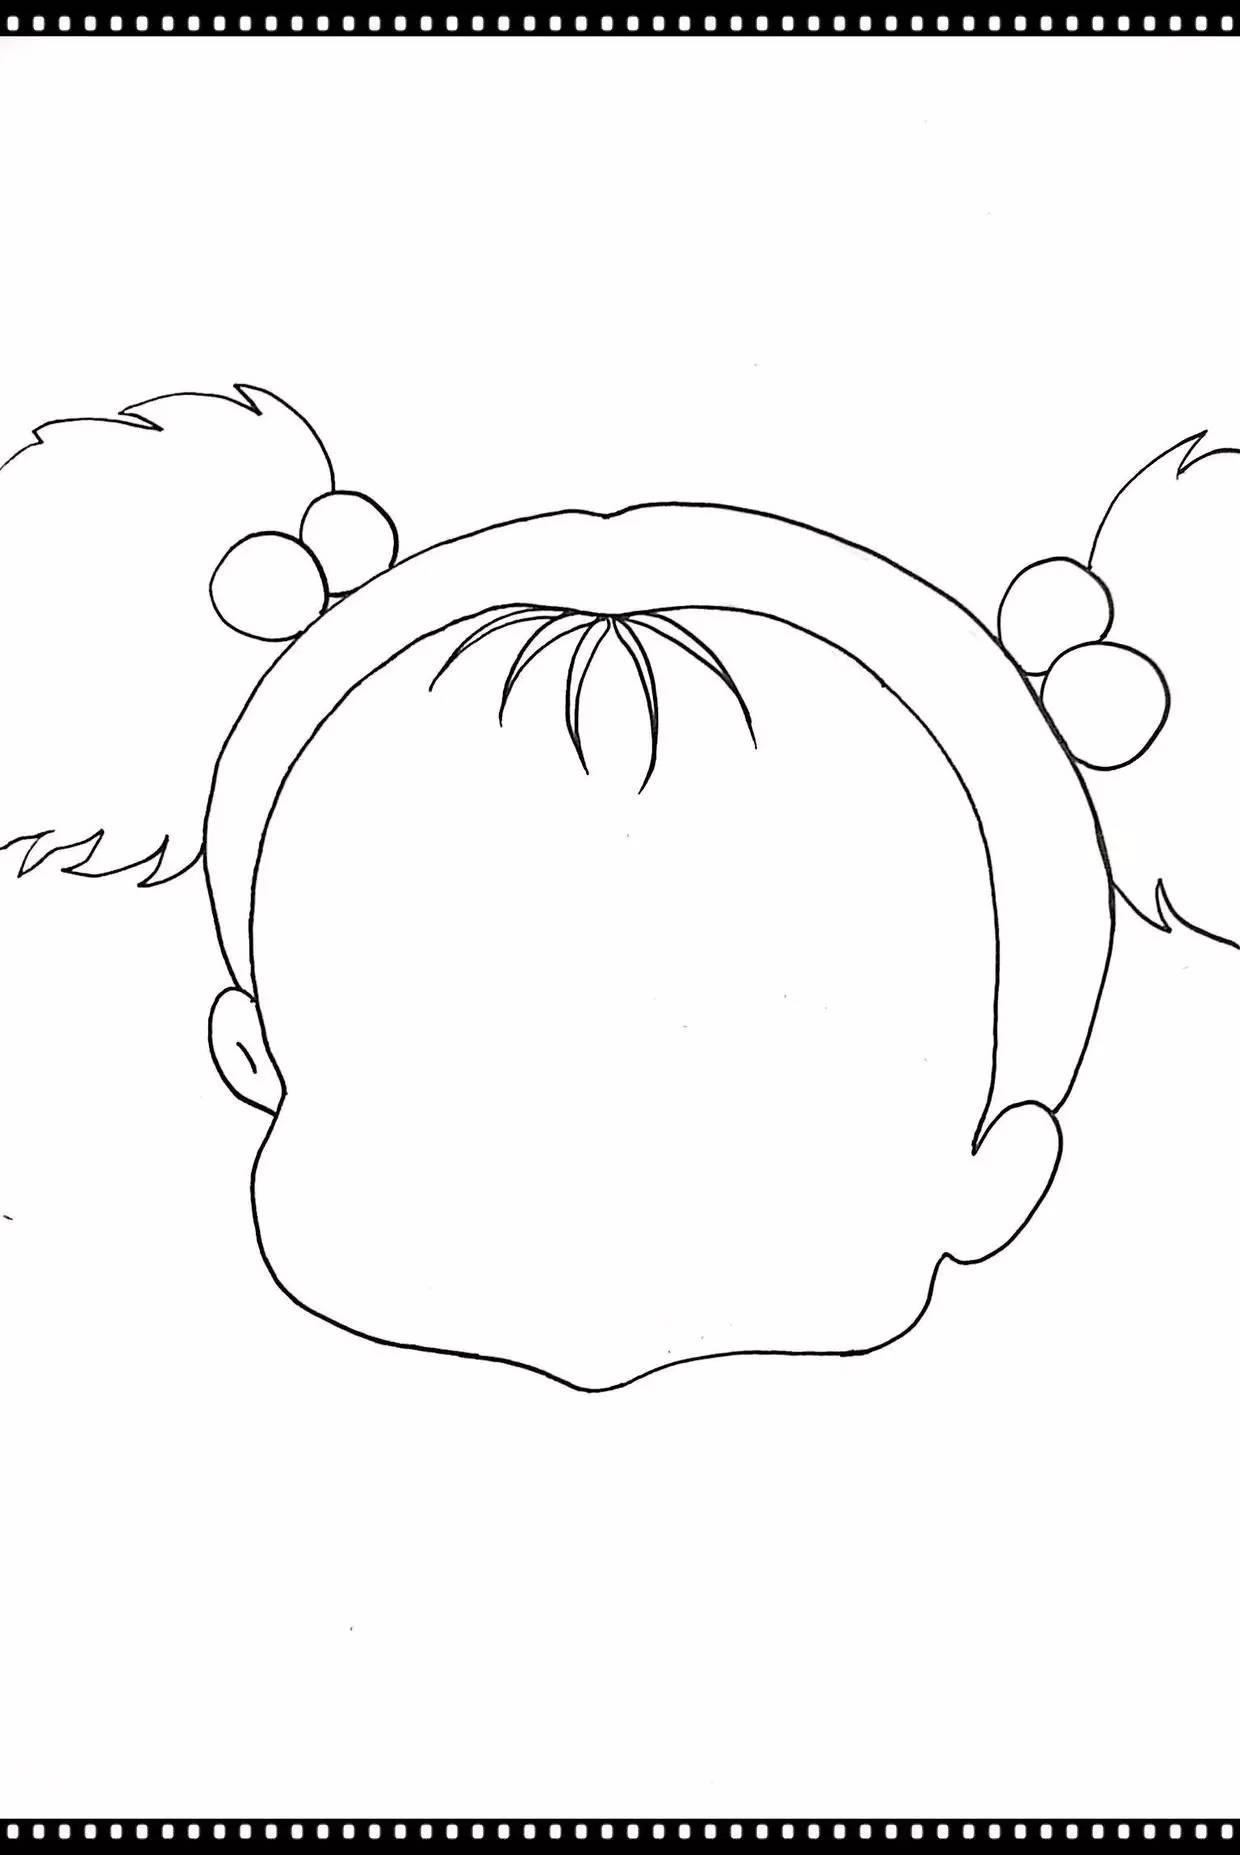 马克笔动漫教程 | 宫崎骏王国——《龙猫》小梅(刀刀手绘)_突袭动漫